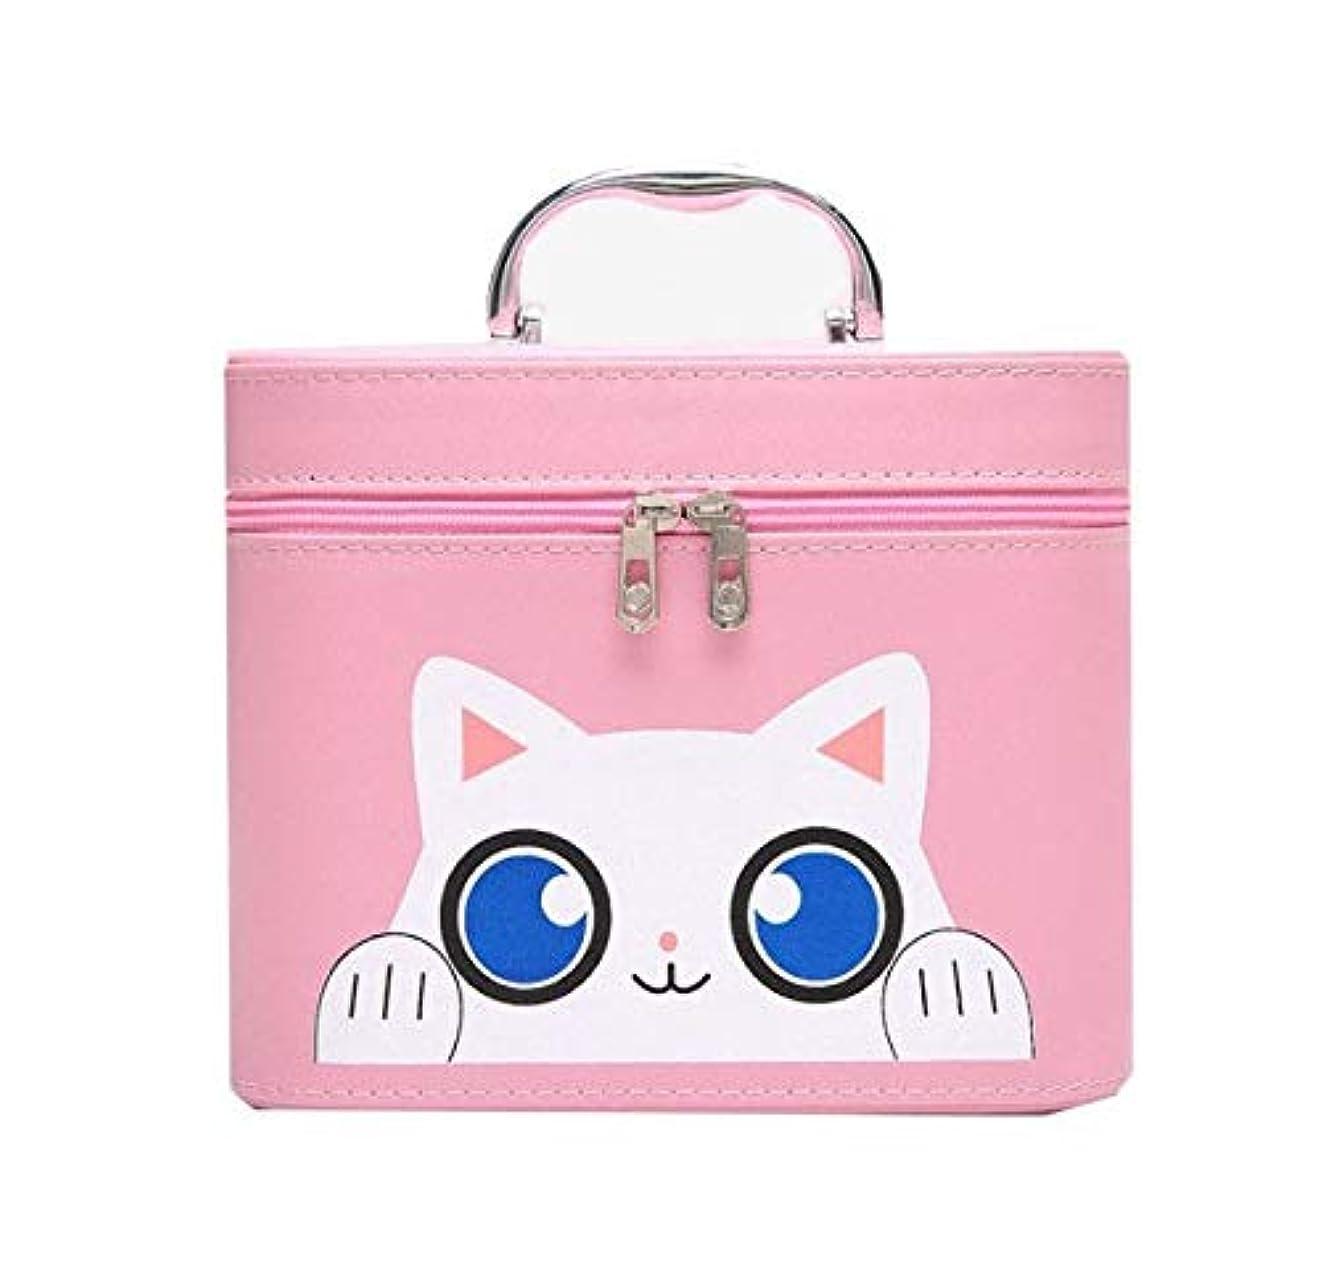 青不実とまり木化粧箱、大容量漫画猫化粧品ケース、ポータブル旅行化粧品ケース、美容ネイルジュエリー収納ボックス (Size : S)